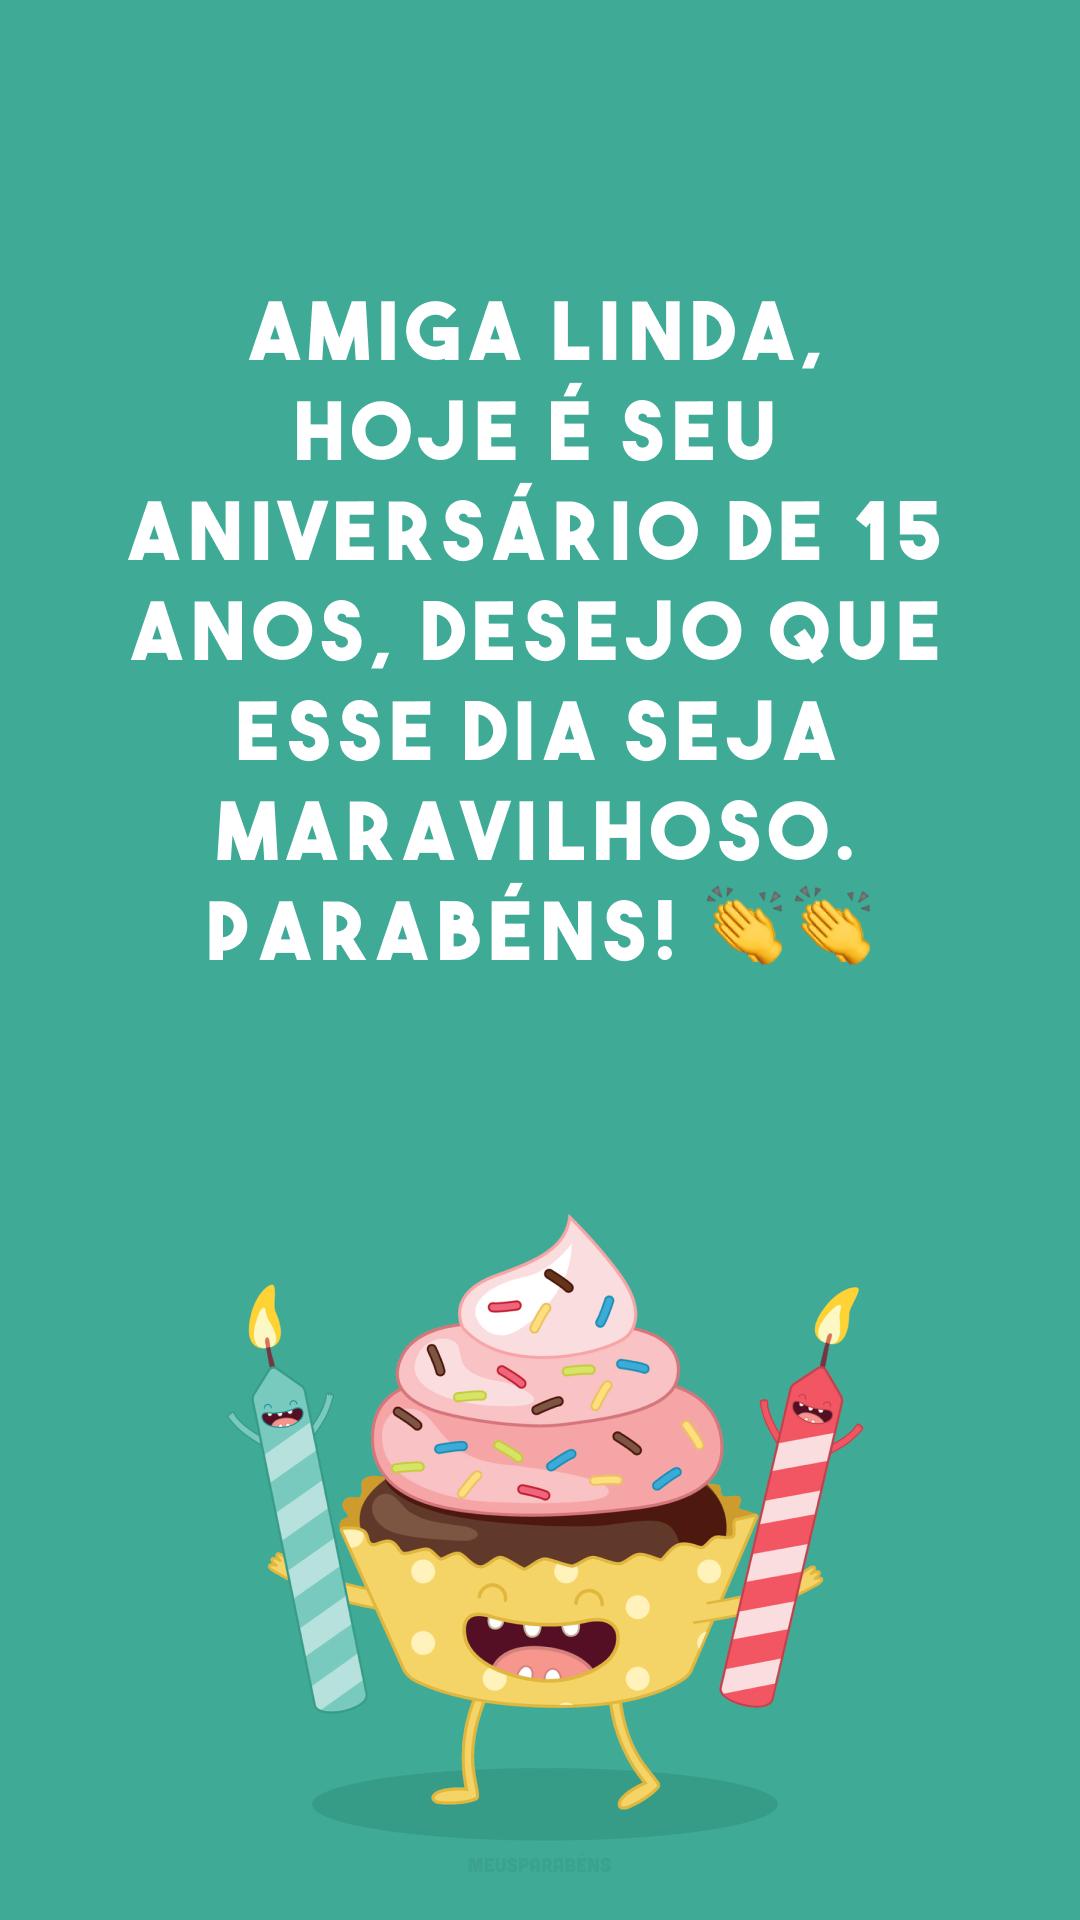 Amiga linda, hoje é seu aniversário de 15 anos, desejo que esse dia seja maravilhoso. Parabéns! 👏👏